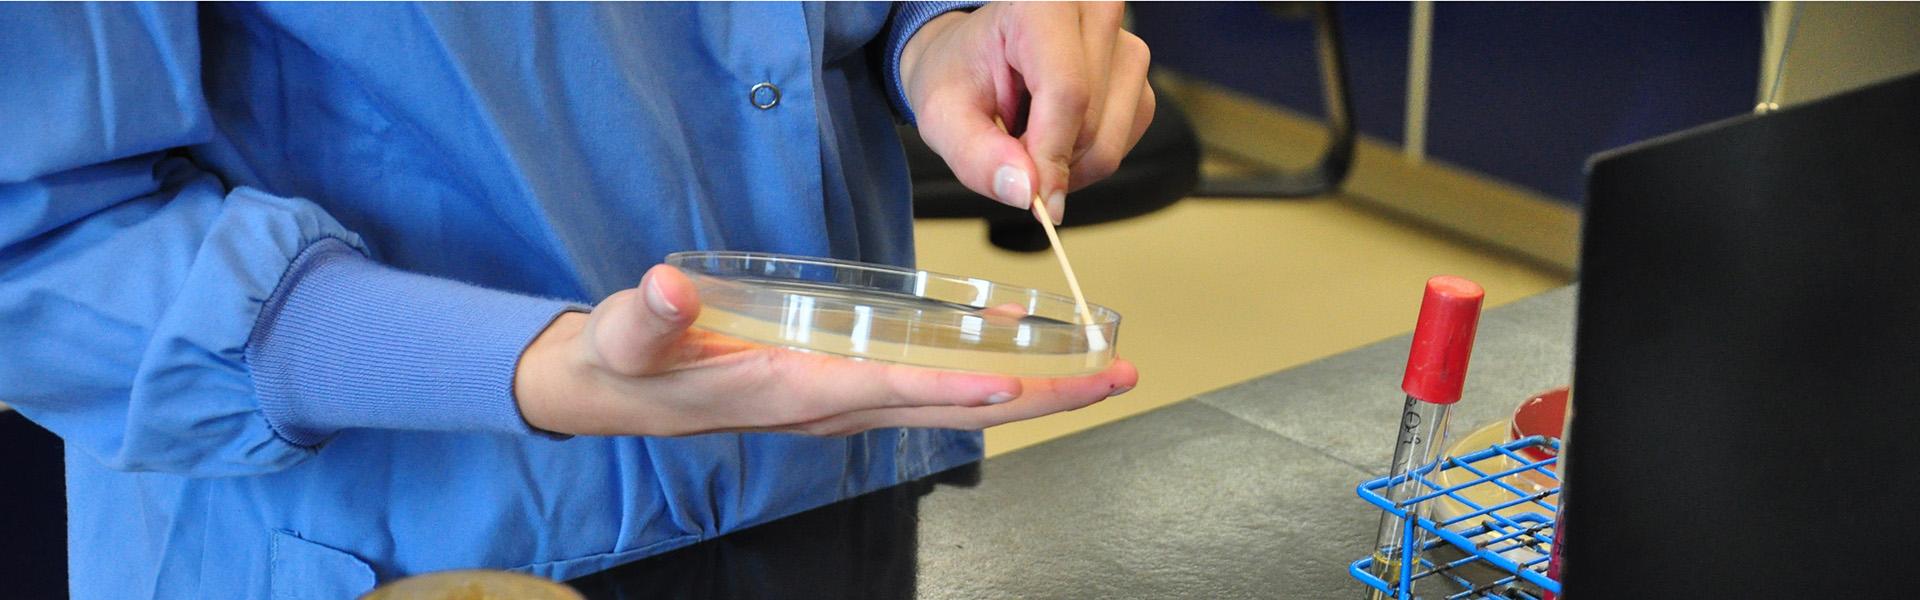 Ensemencement d'un antibiogramme en microbiologie